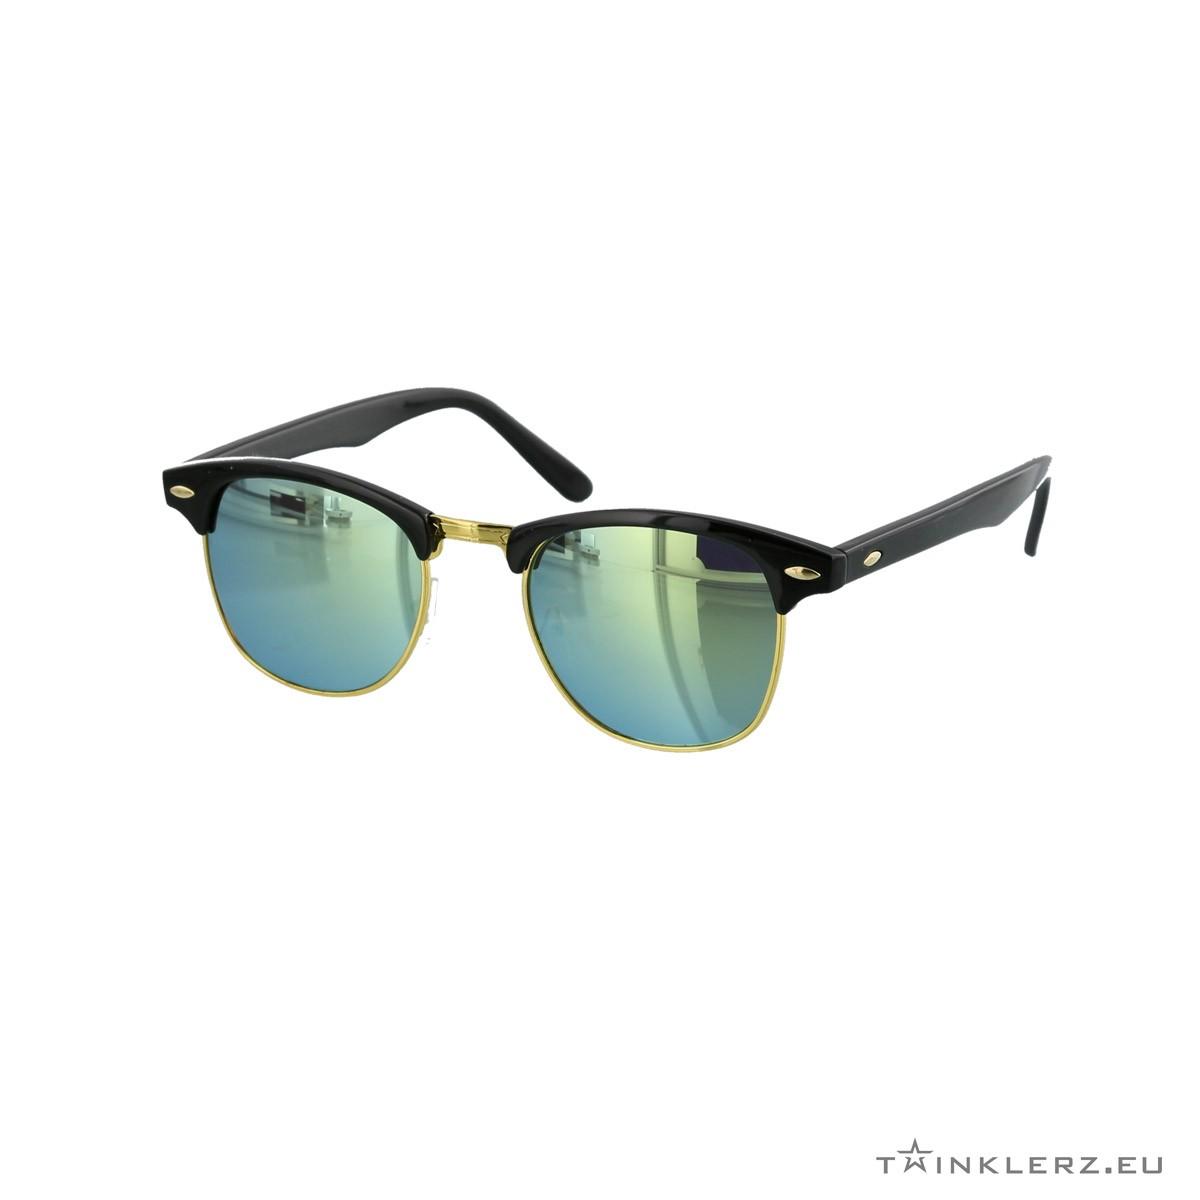 Clubmaster classic zonnebril zwart - geel, groene spiegelglazen cbb039b85614